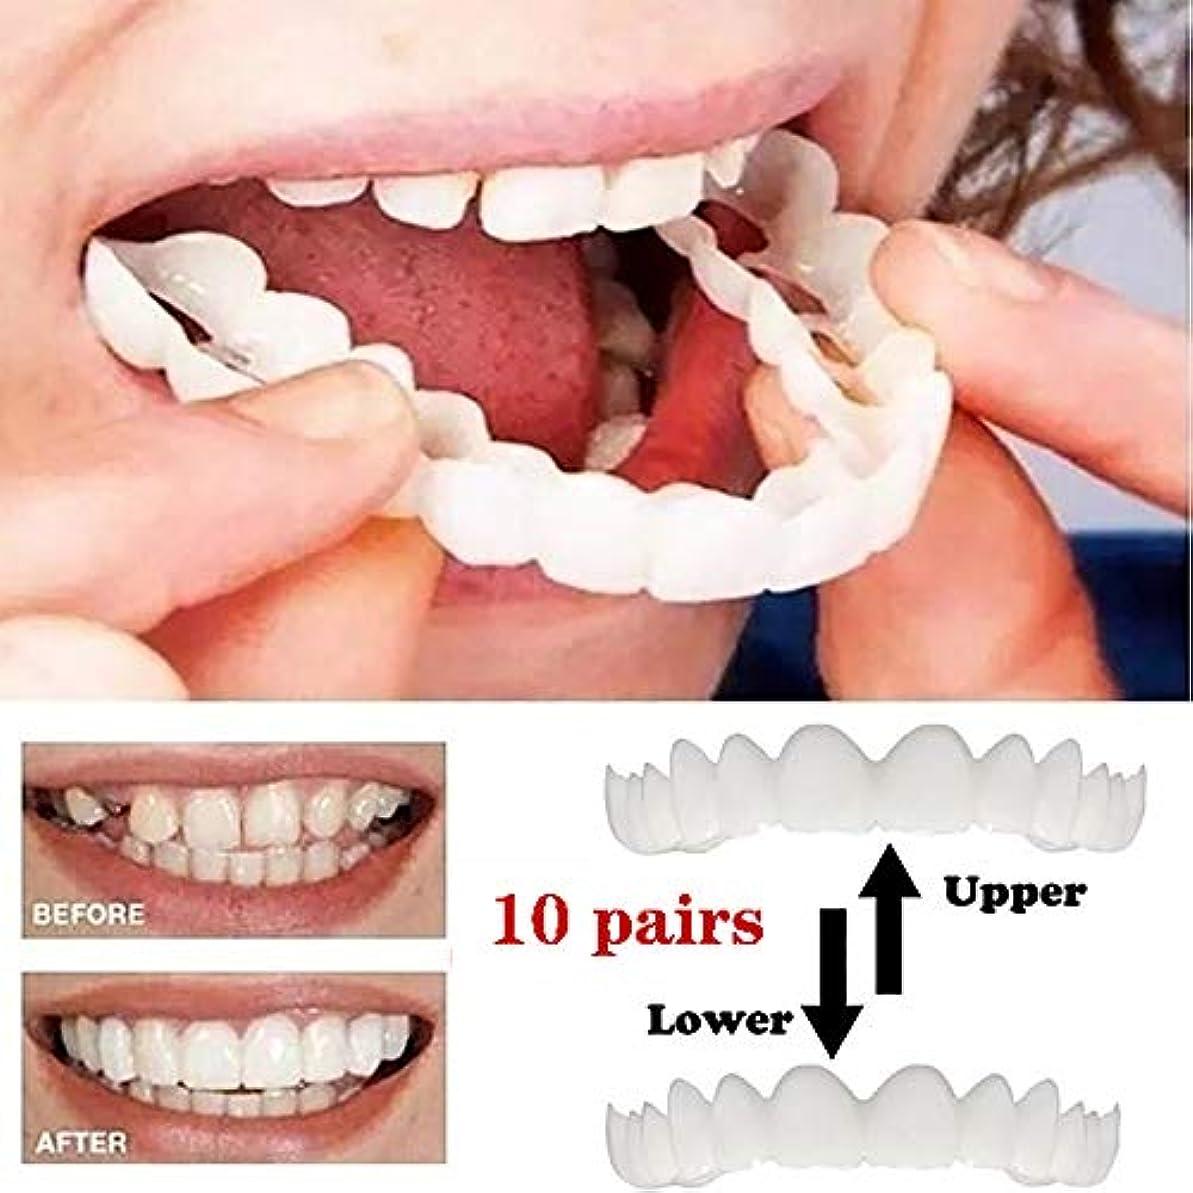 共和国緩やかな機械的最新の化粧板の歯、化粧品の歯 - 一時的な笑顔の快適さフィットフレックス化粧品の歯、ワンサイズは最もフィット、快適な上の歯のベニヤと下のベニヤ